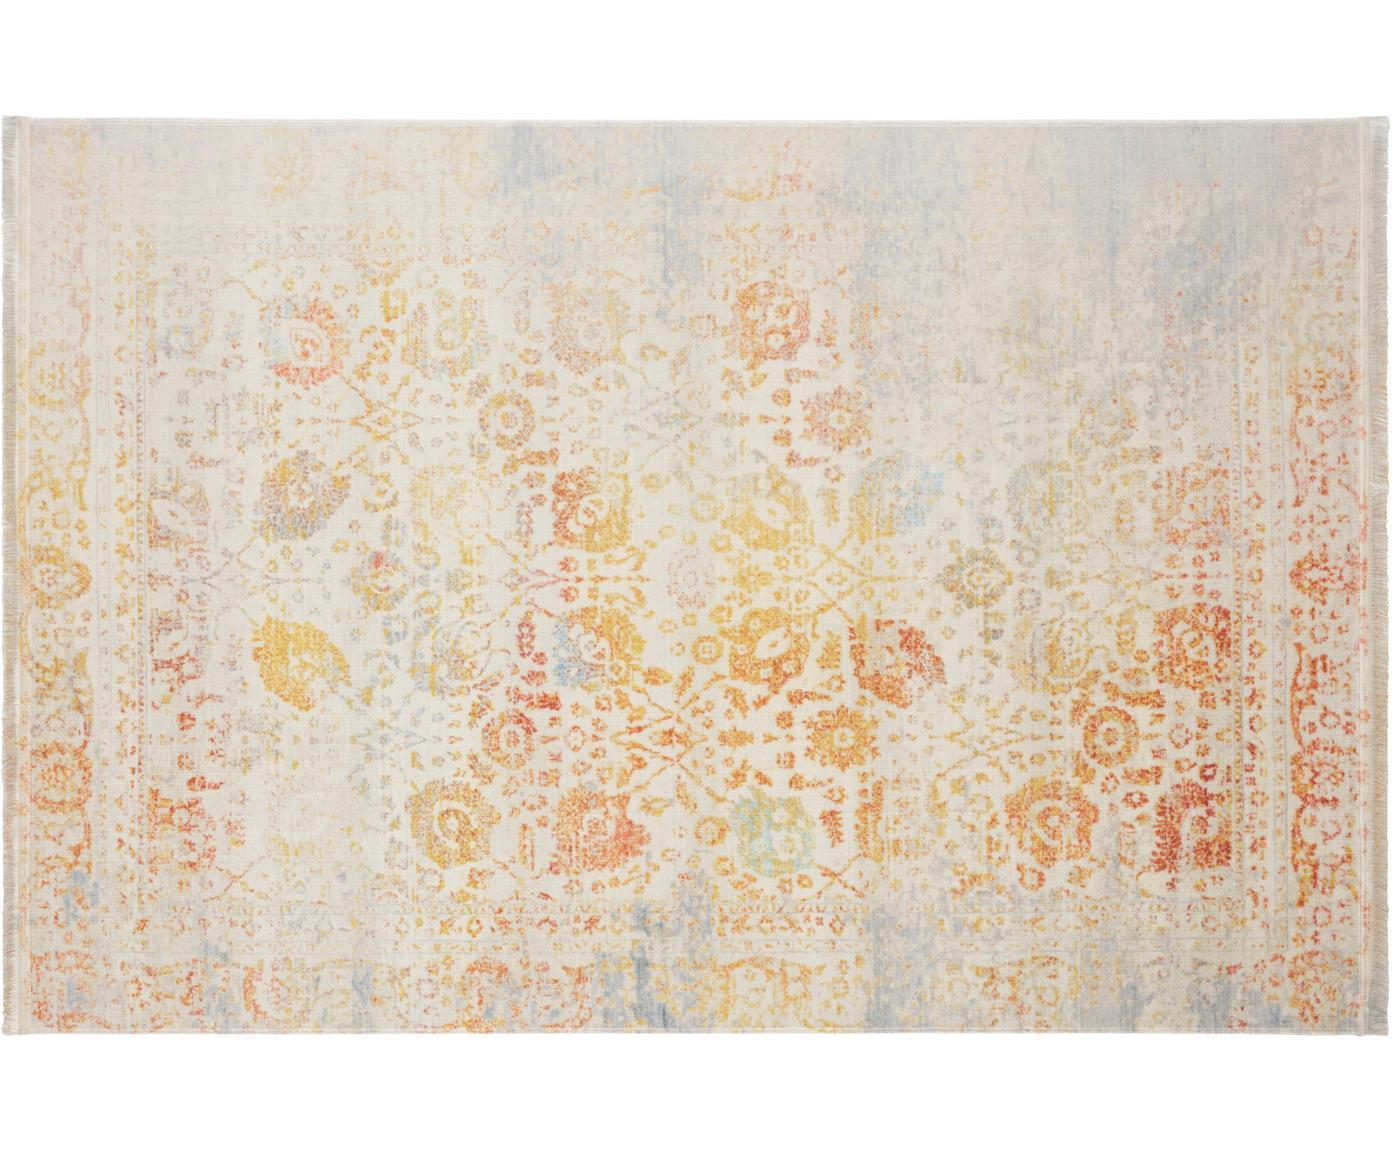 Vloerkleed Menga, 60% polyester, 40% katoen, Multicolour, 120 x 180 cm